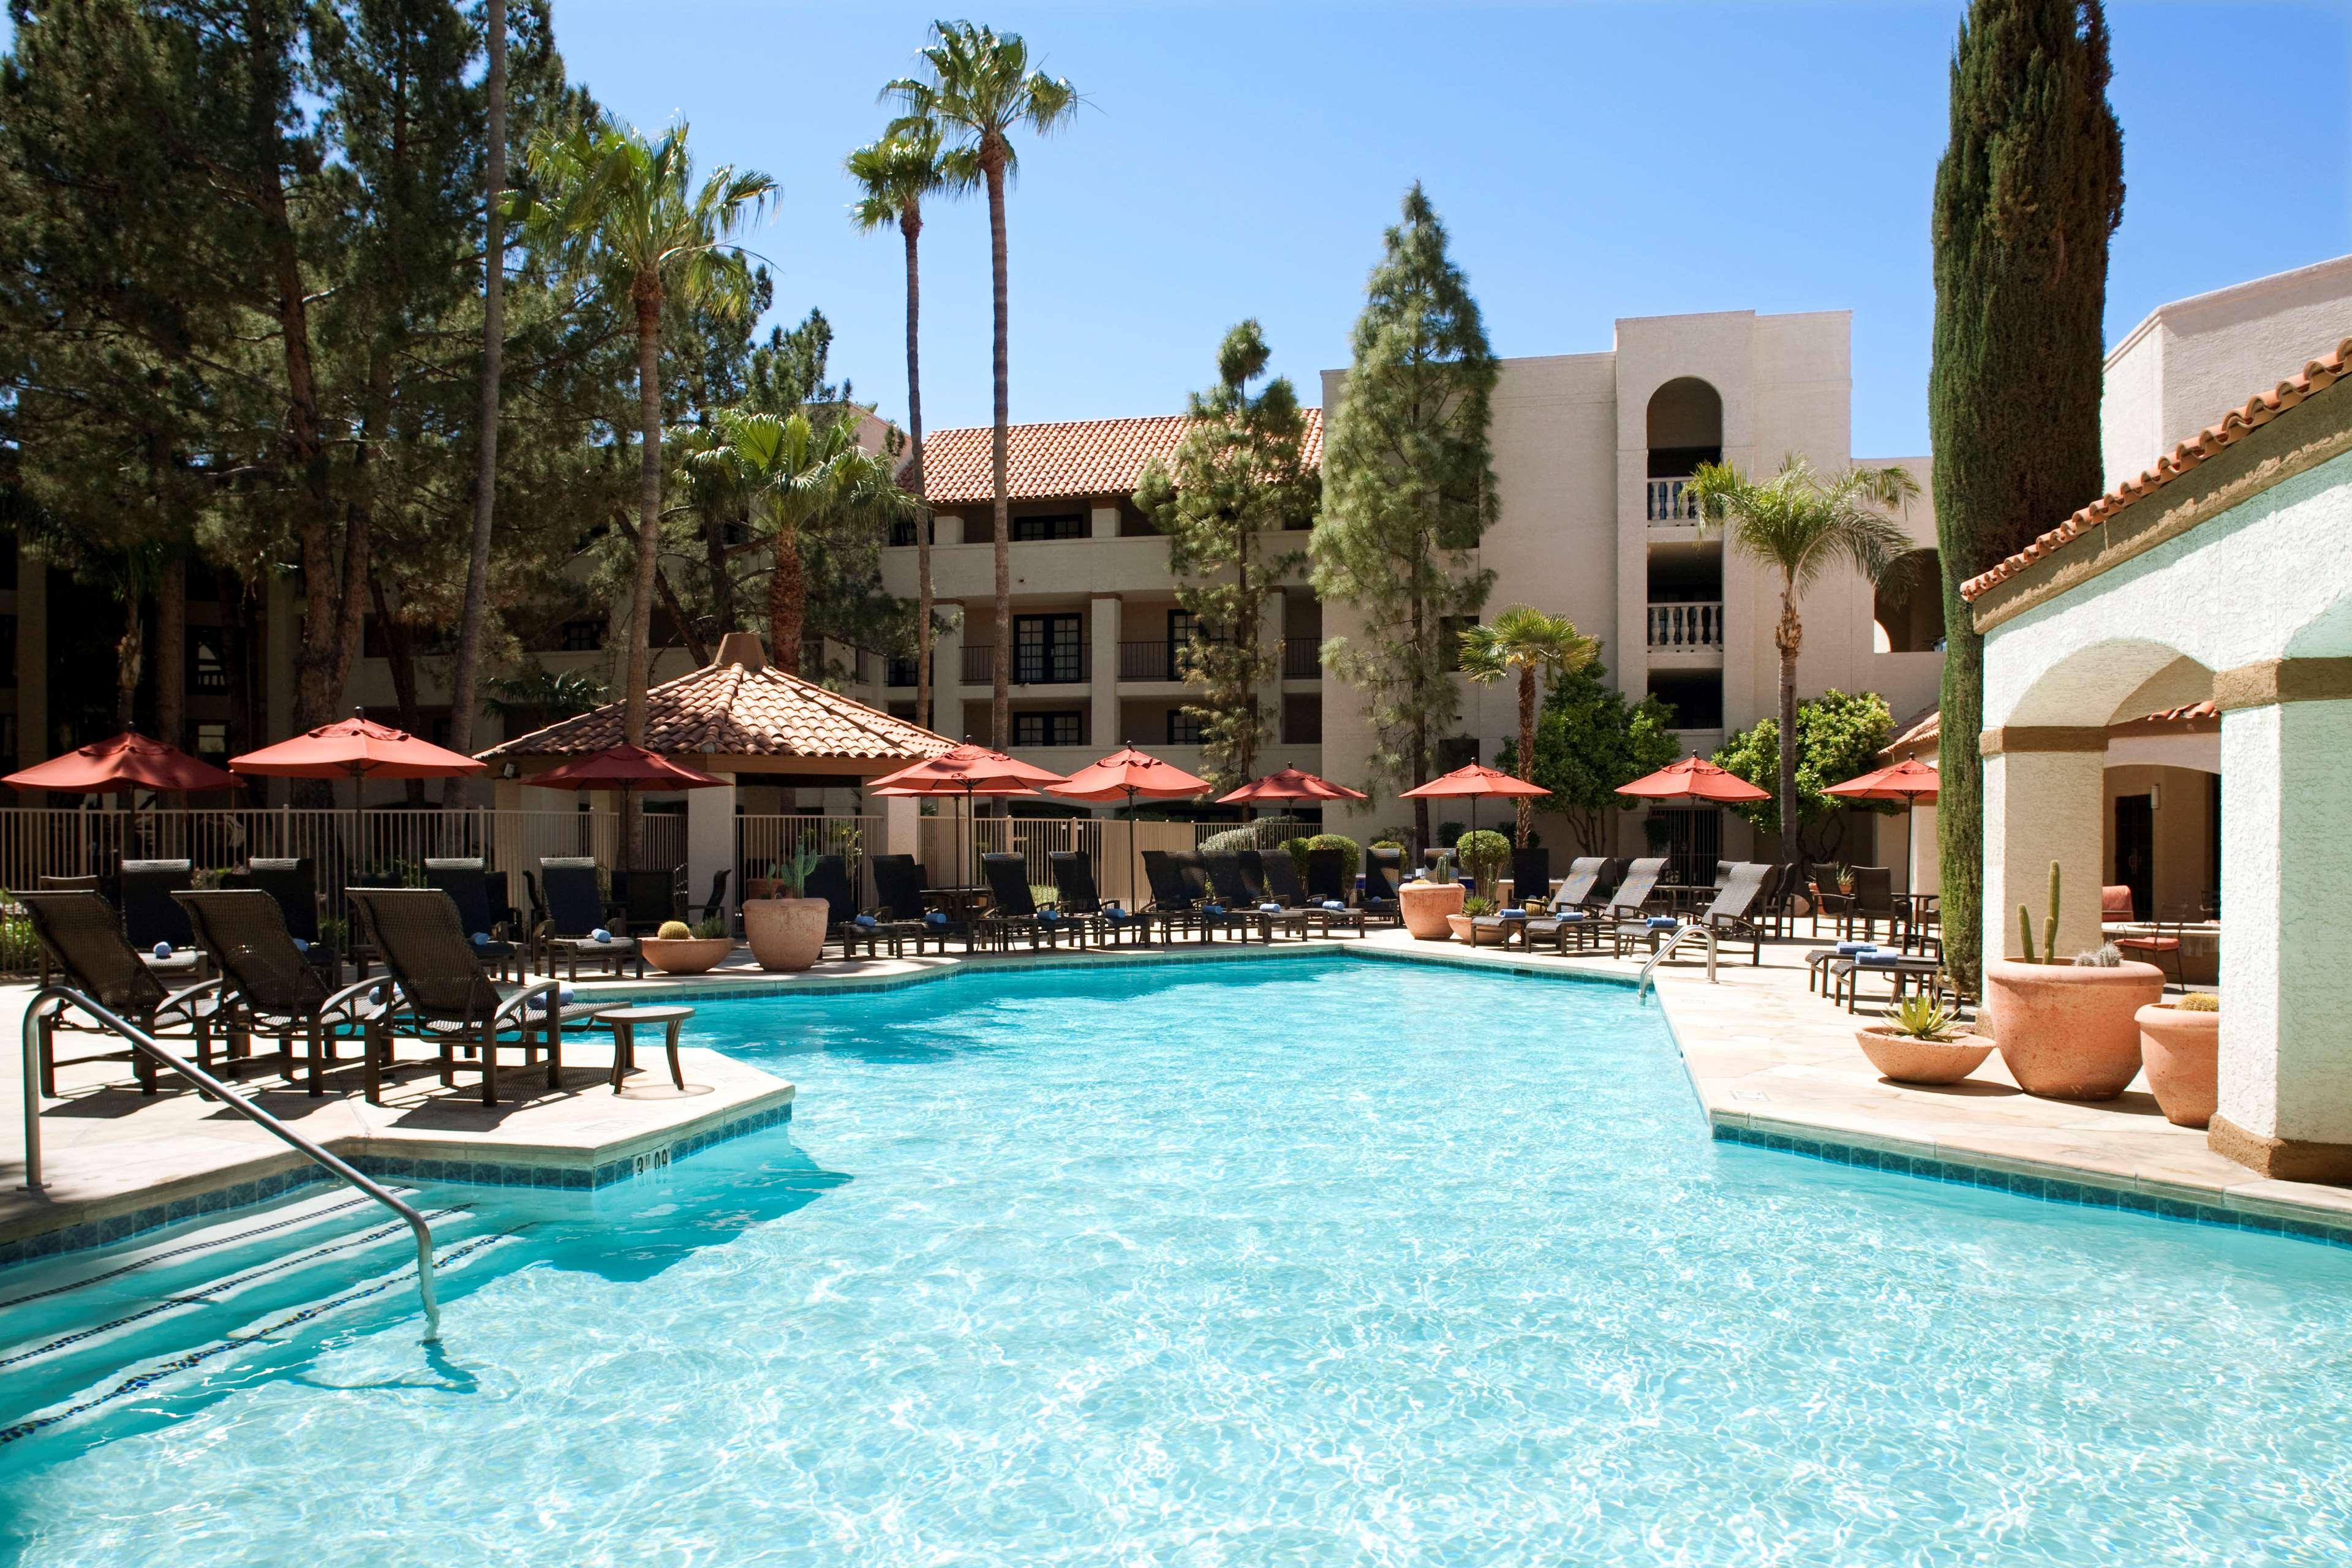 Sheraton Tucson Hotel & Suites image 2